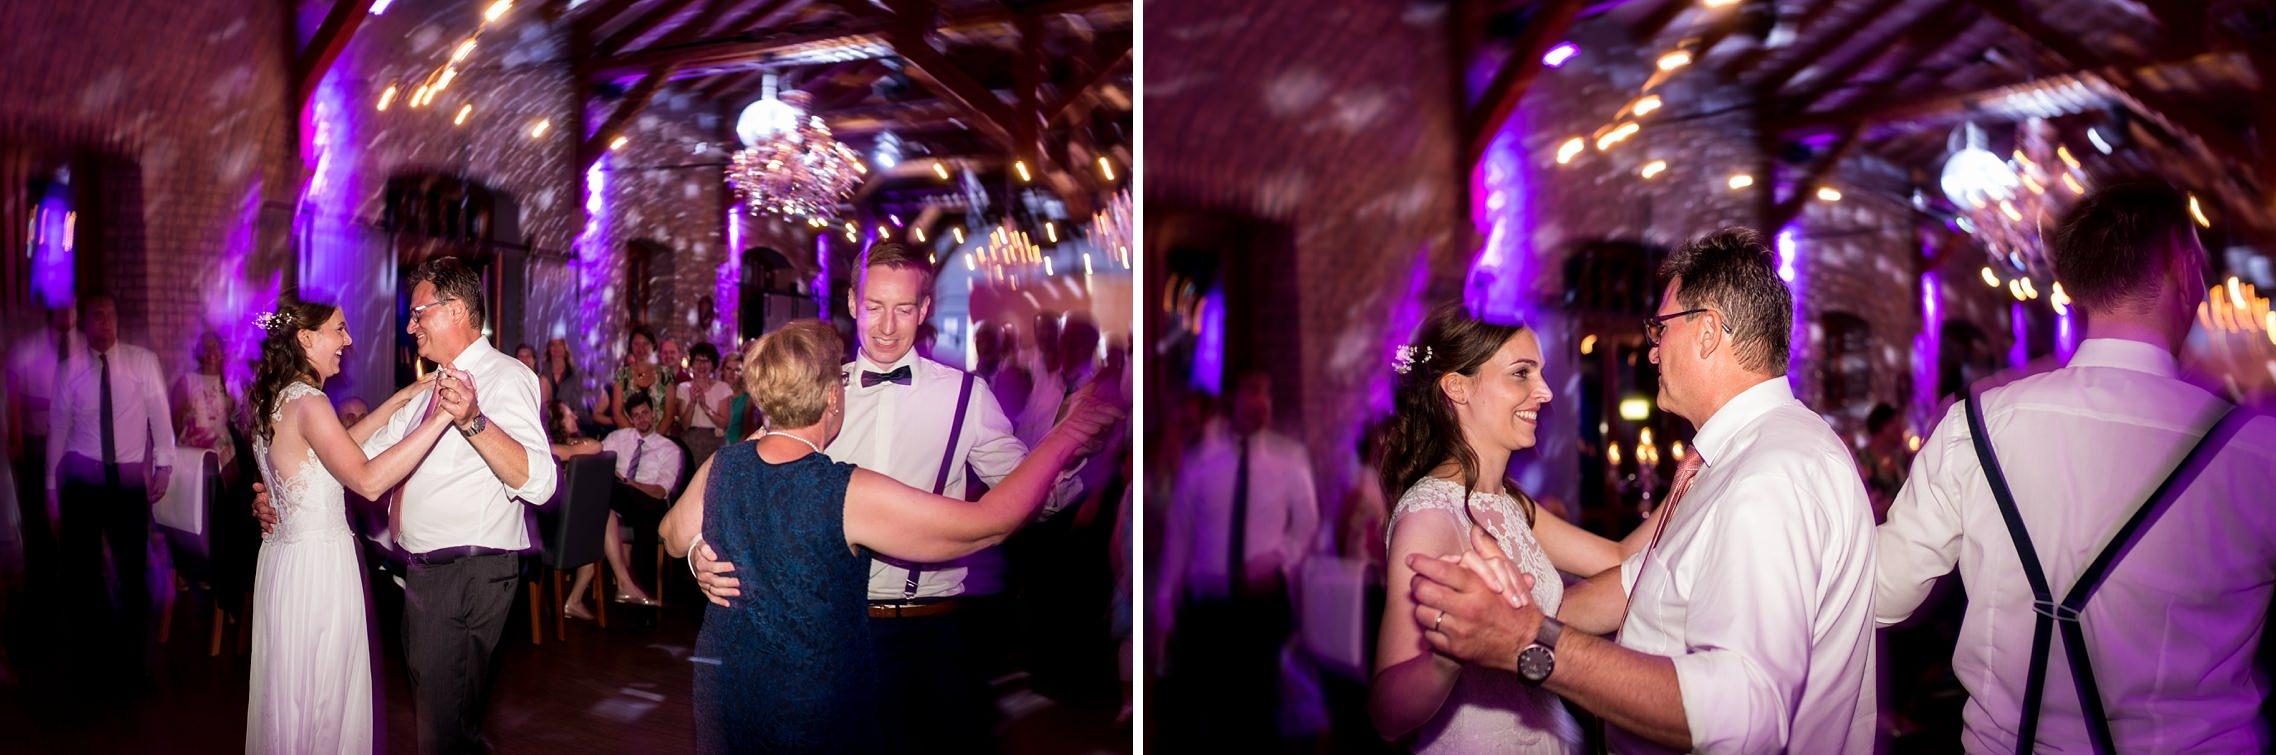 Der Bräutigam tanzt mit seiner Mutter während die Braut mit ihrem Vater das Tanzbein schwingt.